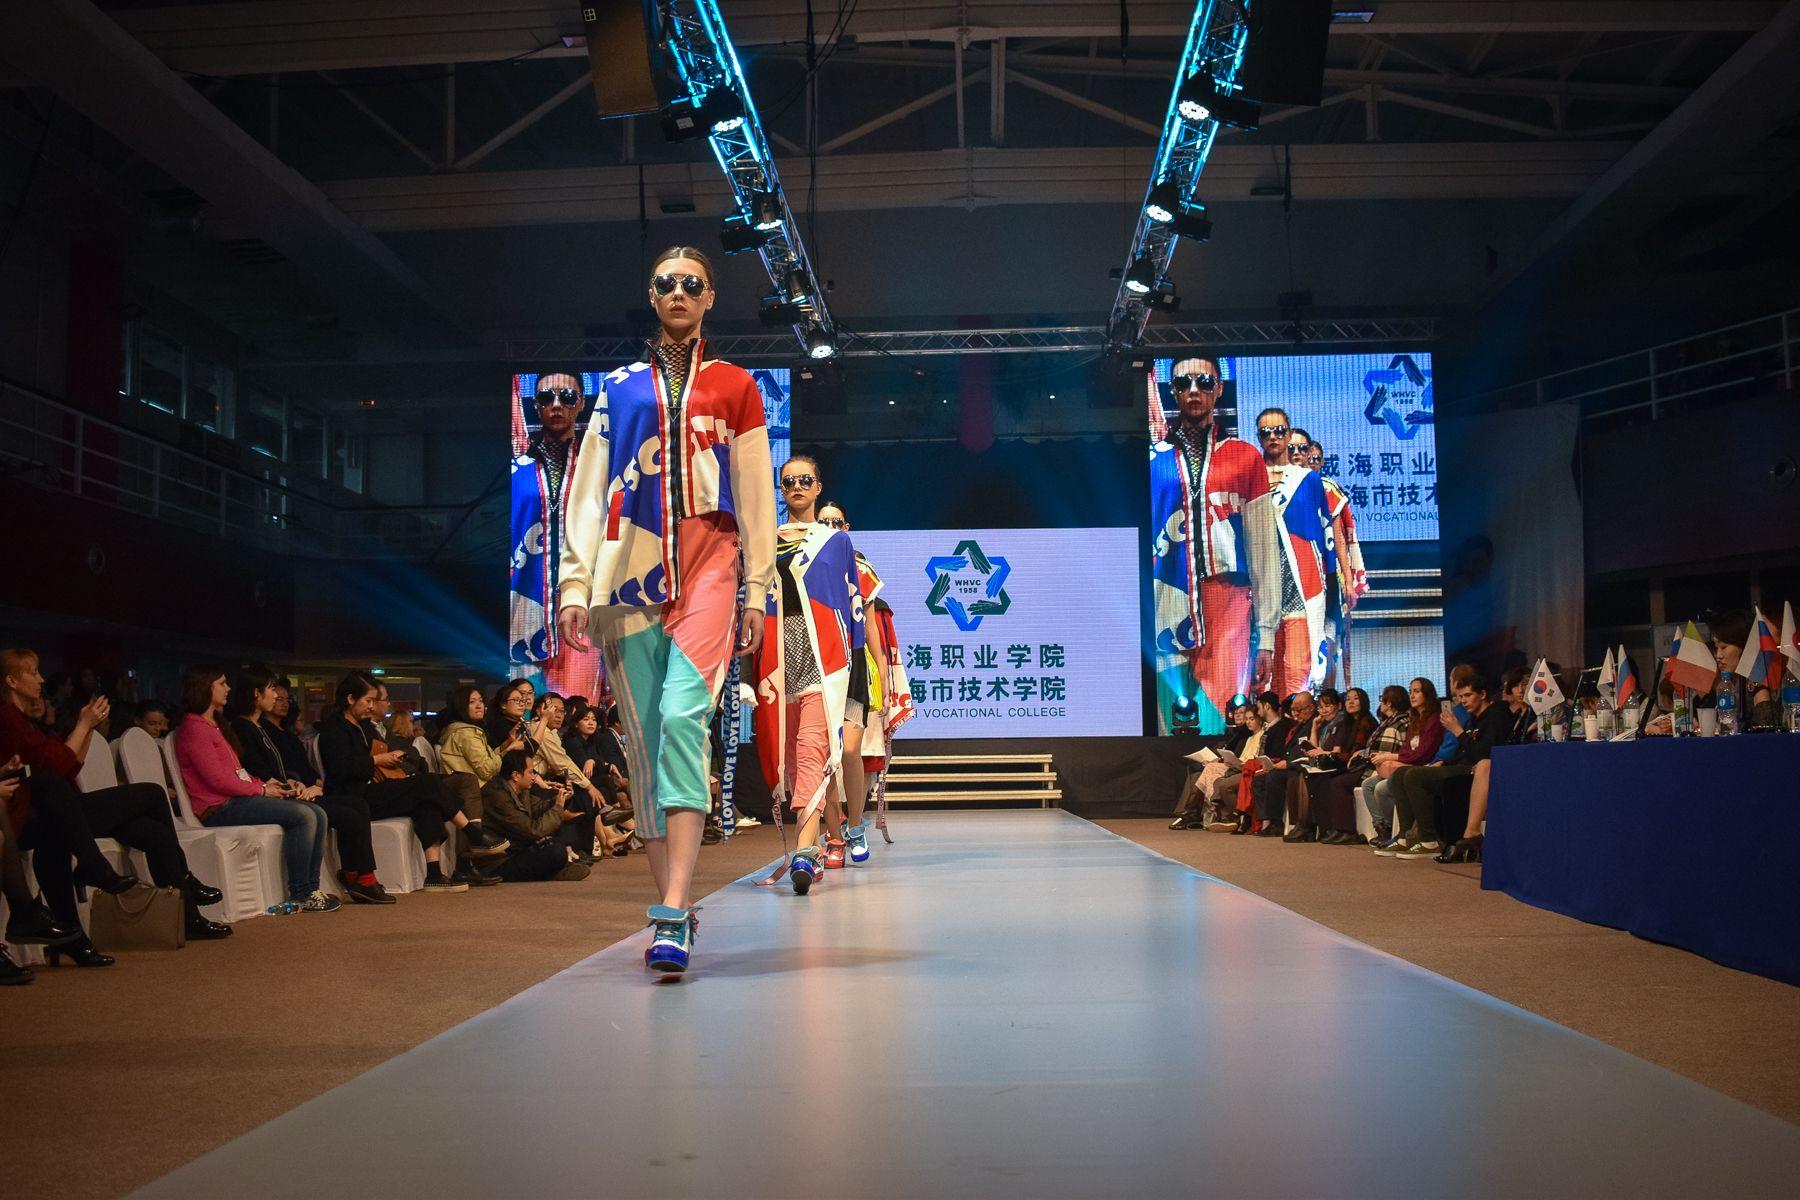 Институт сервиса моды и дизайна: как стать участником международного конкурса, будучи студентом